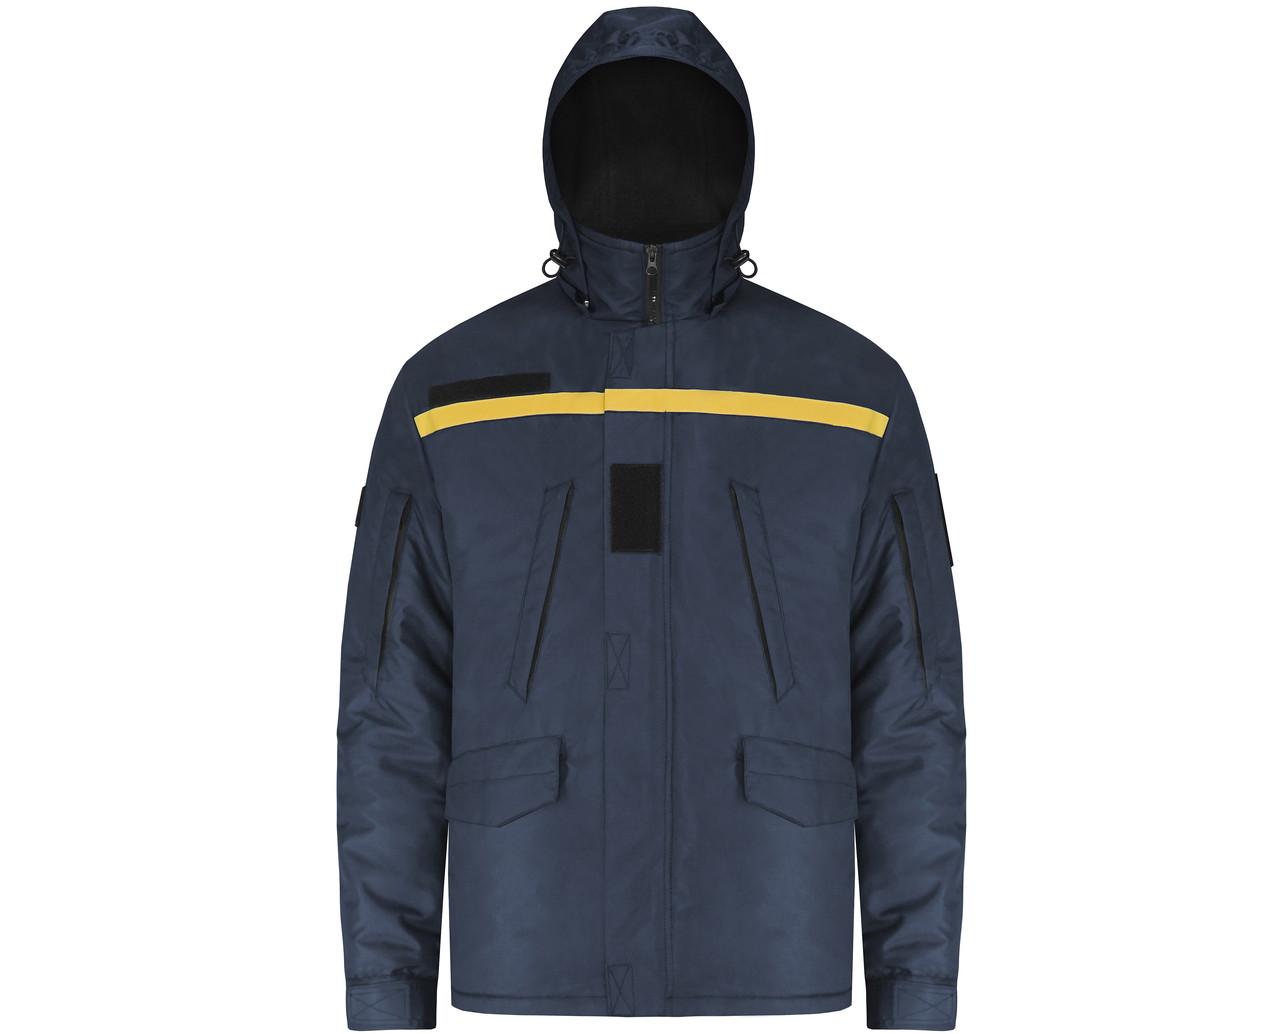 Куртка зимняя 2 в 1 Hybrid для ДСНС (съемный утеплитель флисовая кофта)